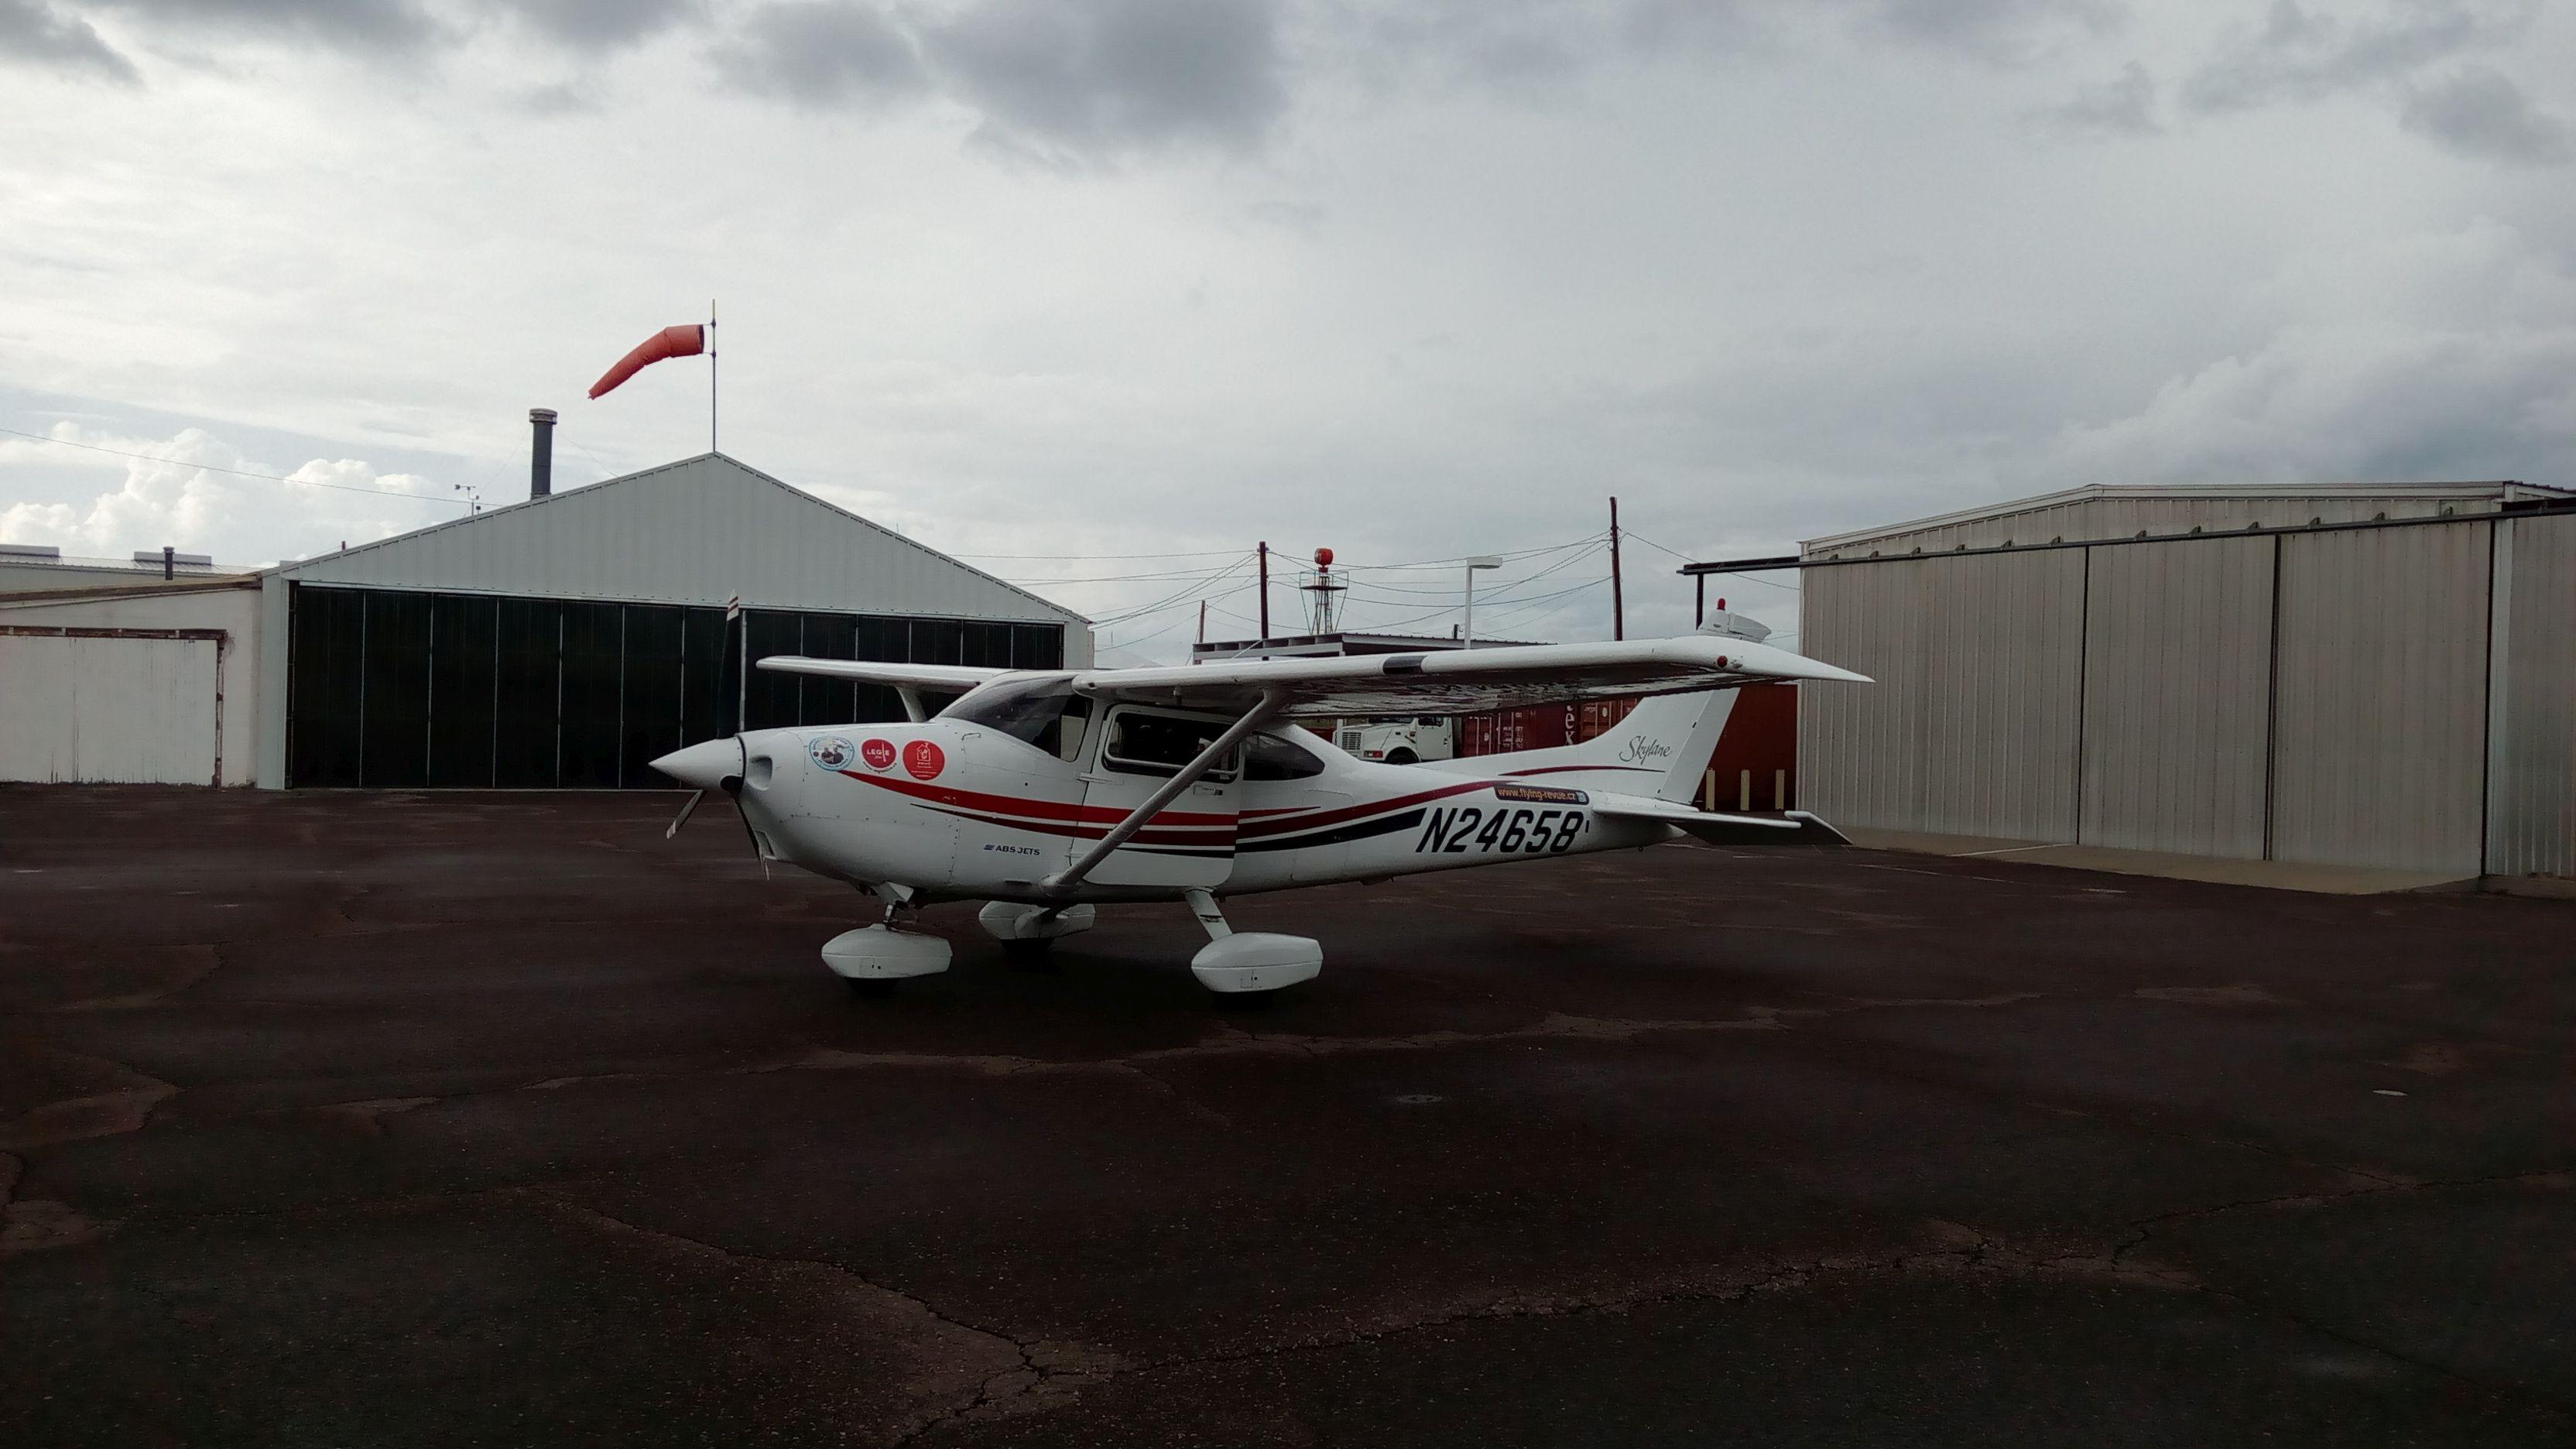 Marfa airport, Texas